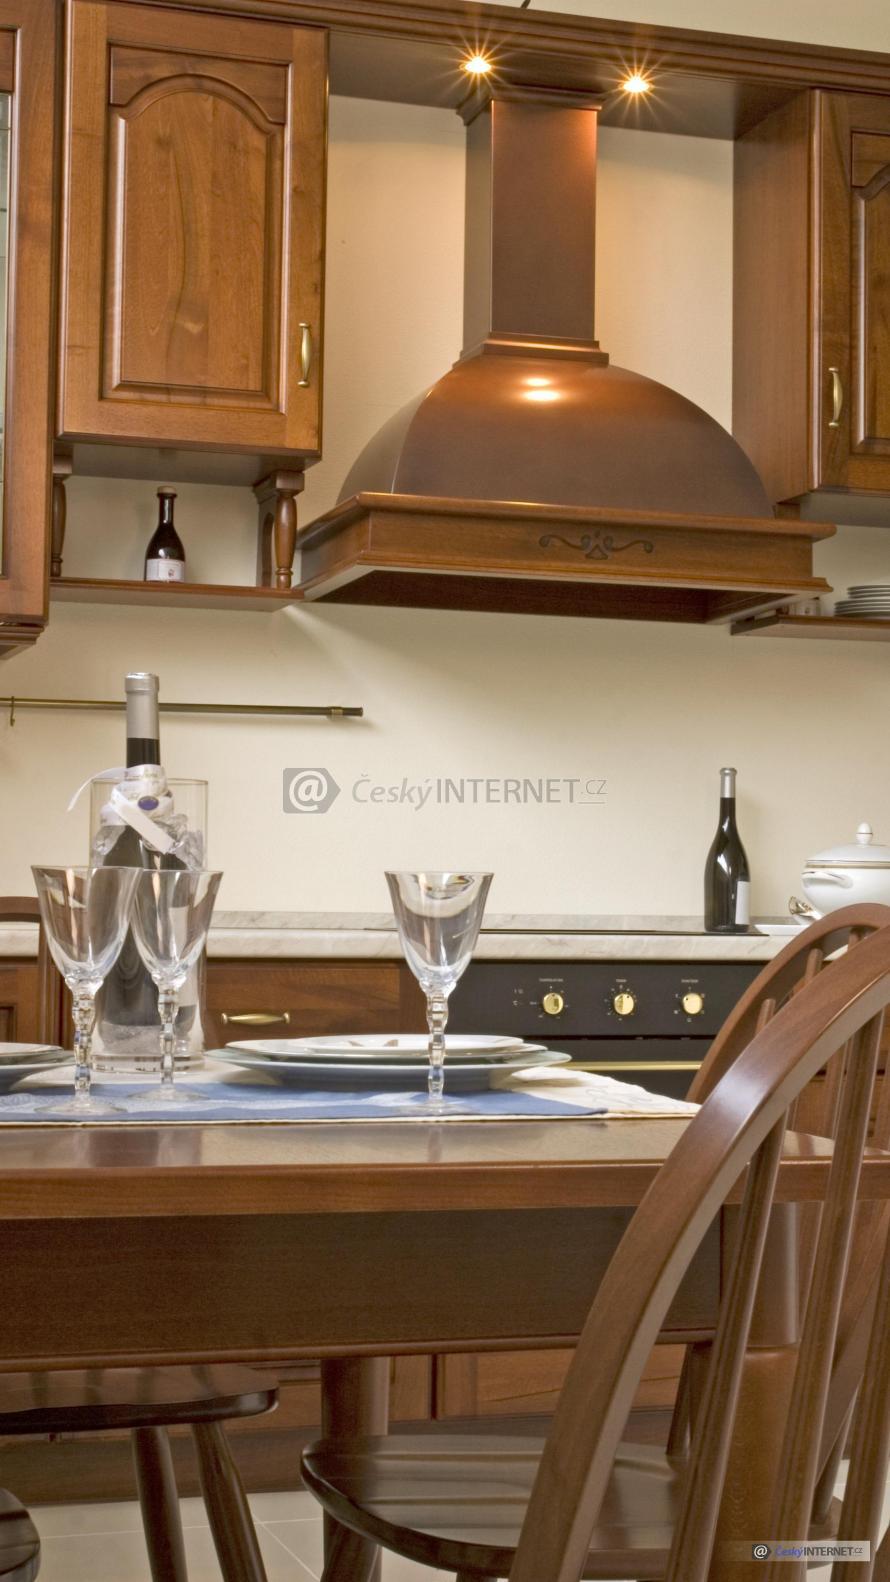 Kuchyně - detail.